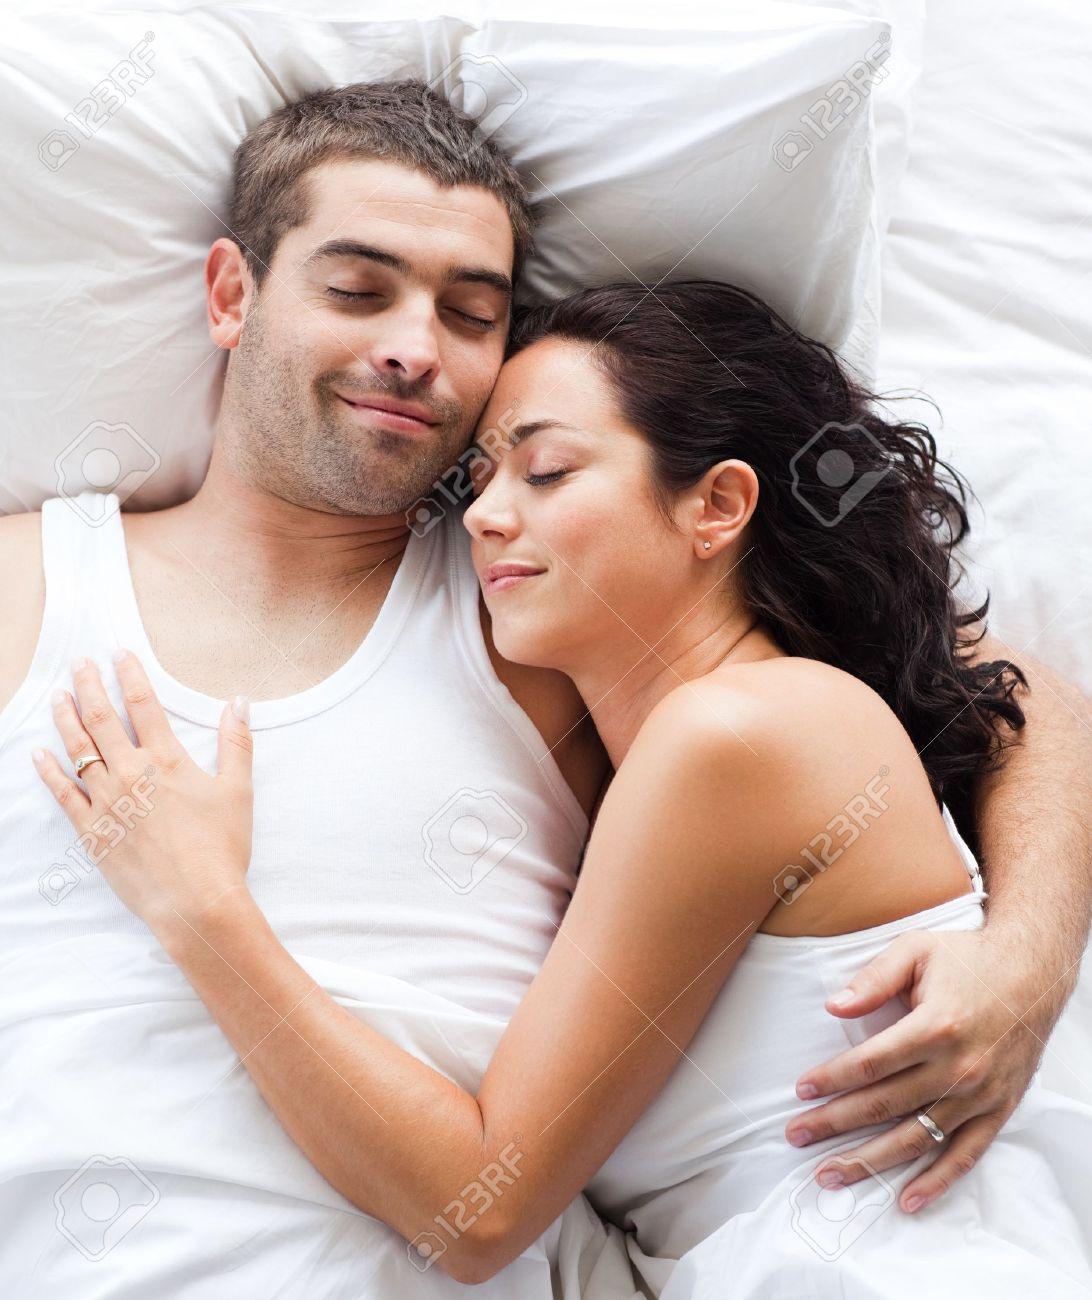 Фотосессия пары на кровати 8 фотография